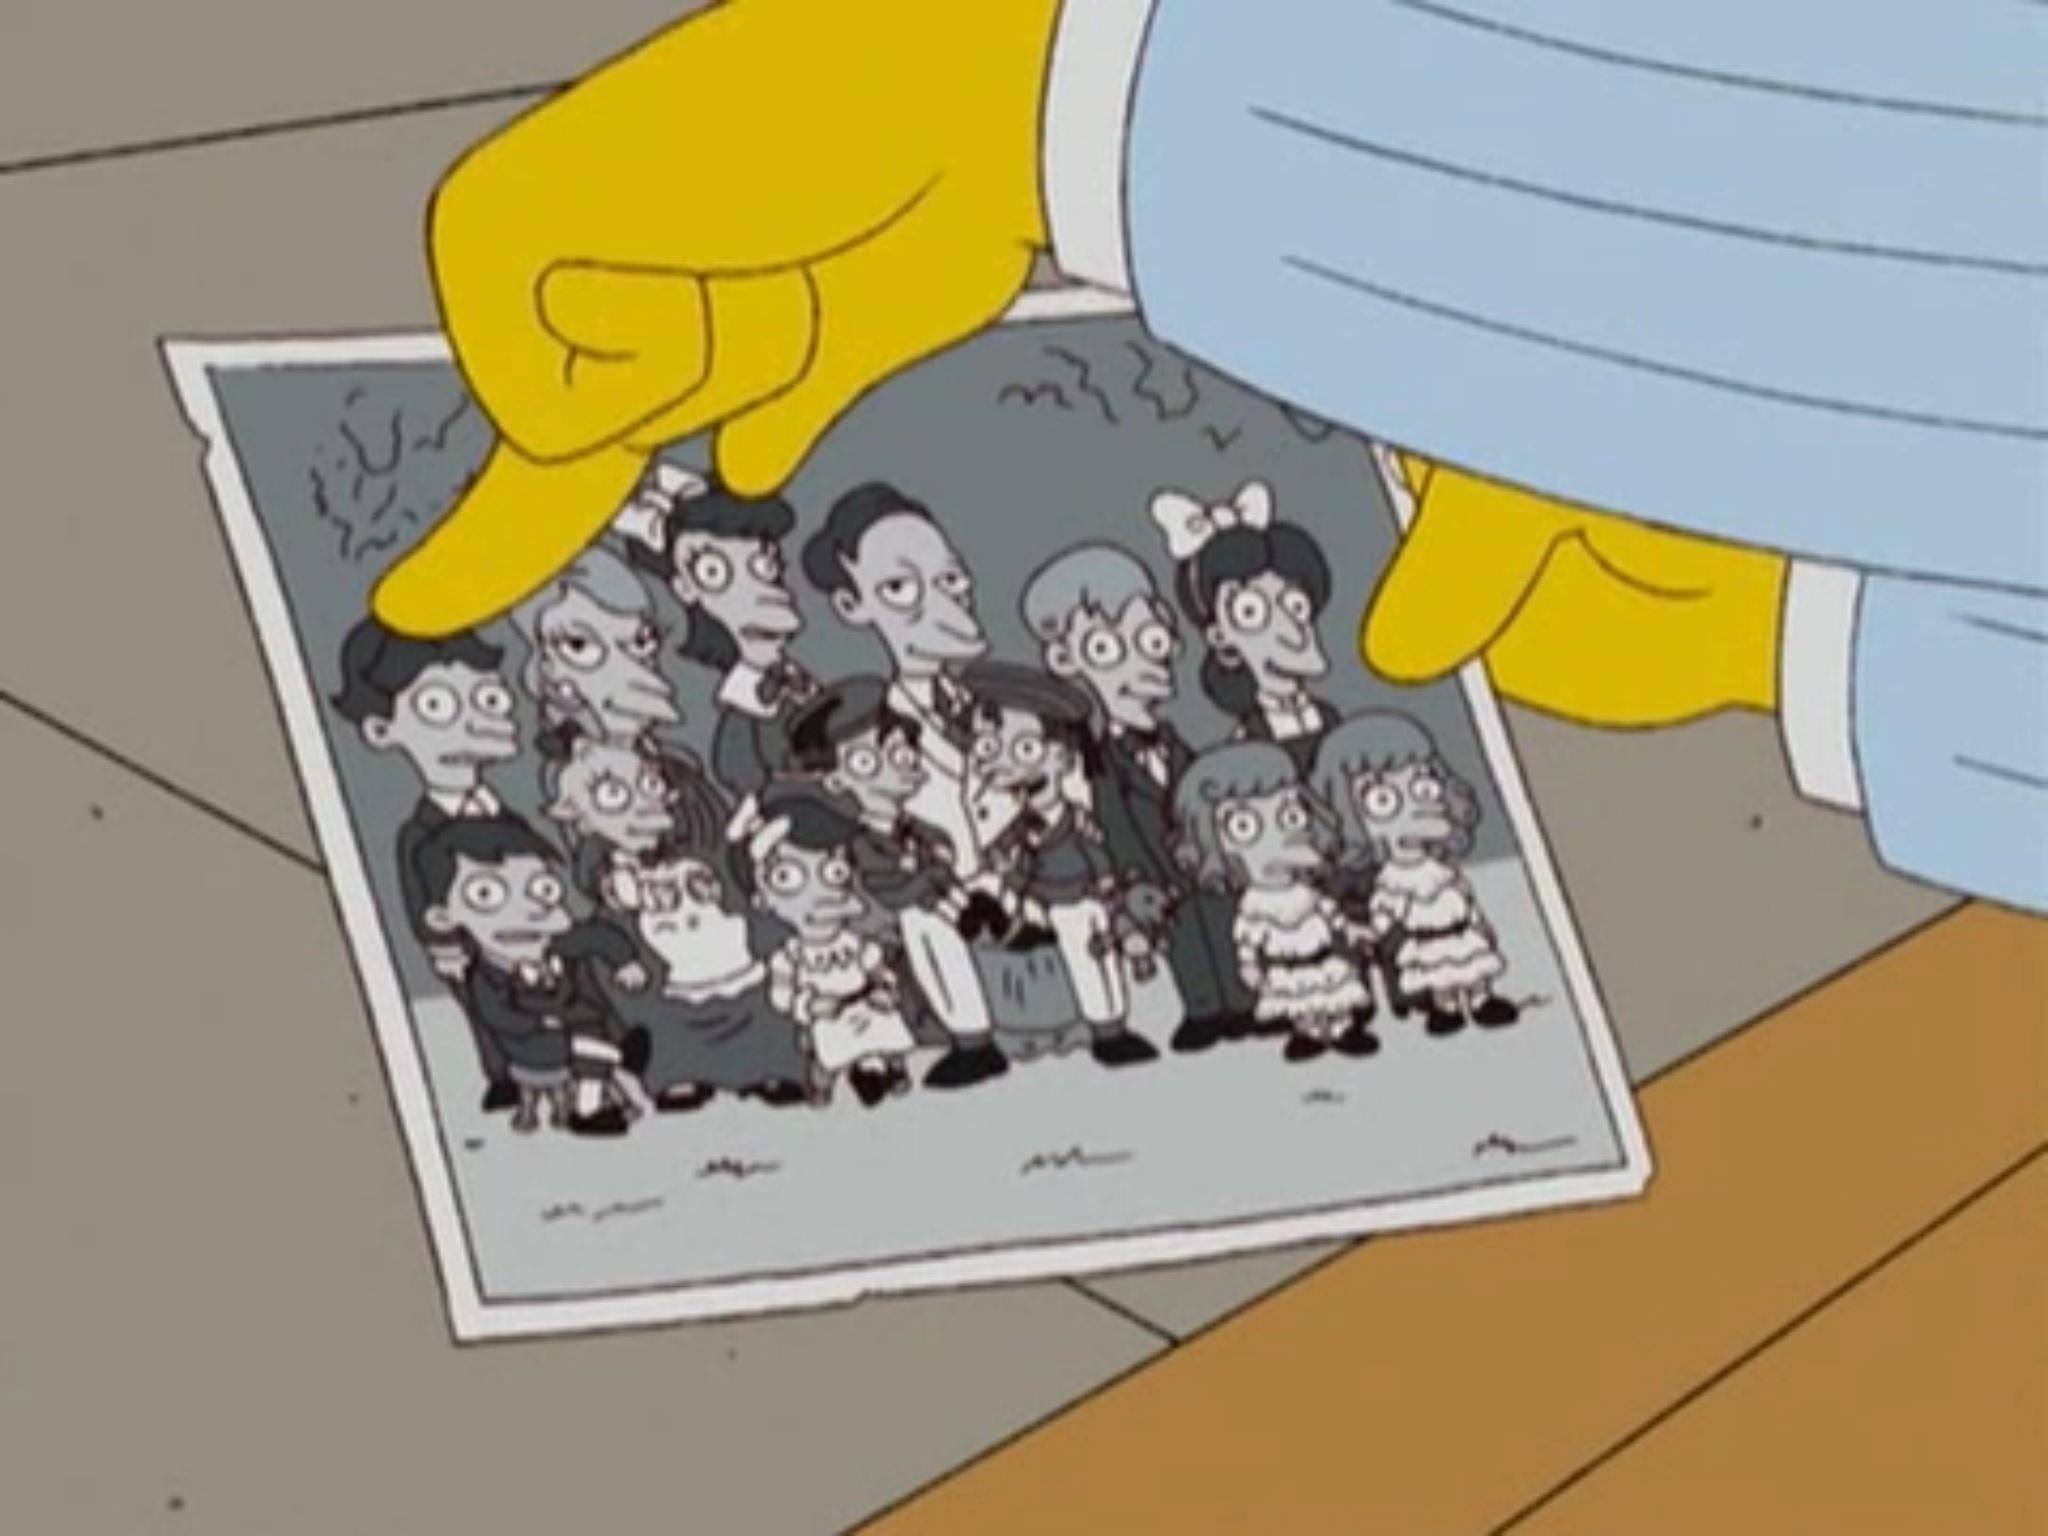 Mr. Burns' older siblings